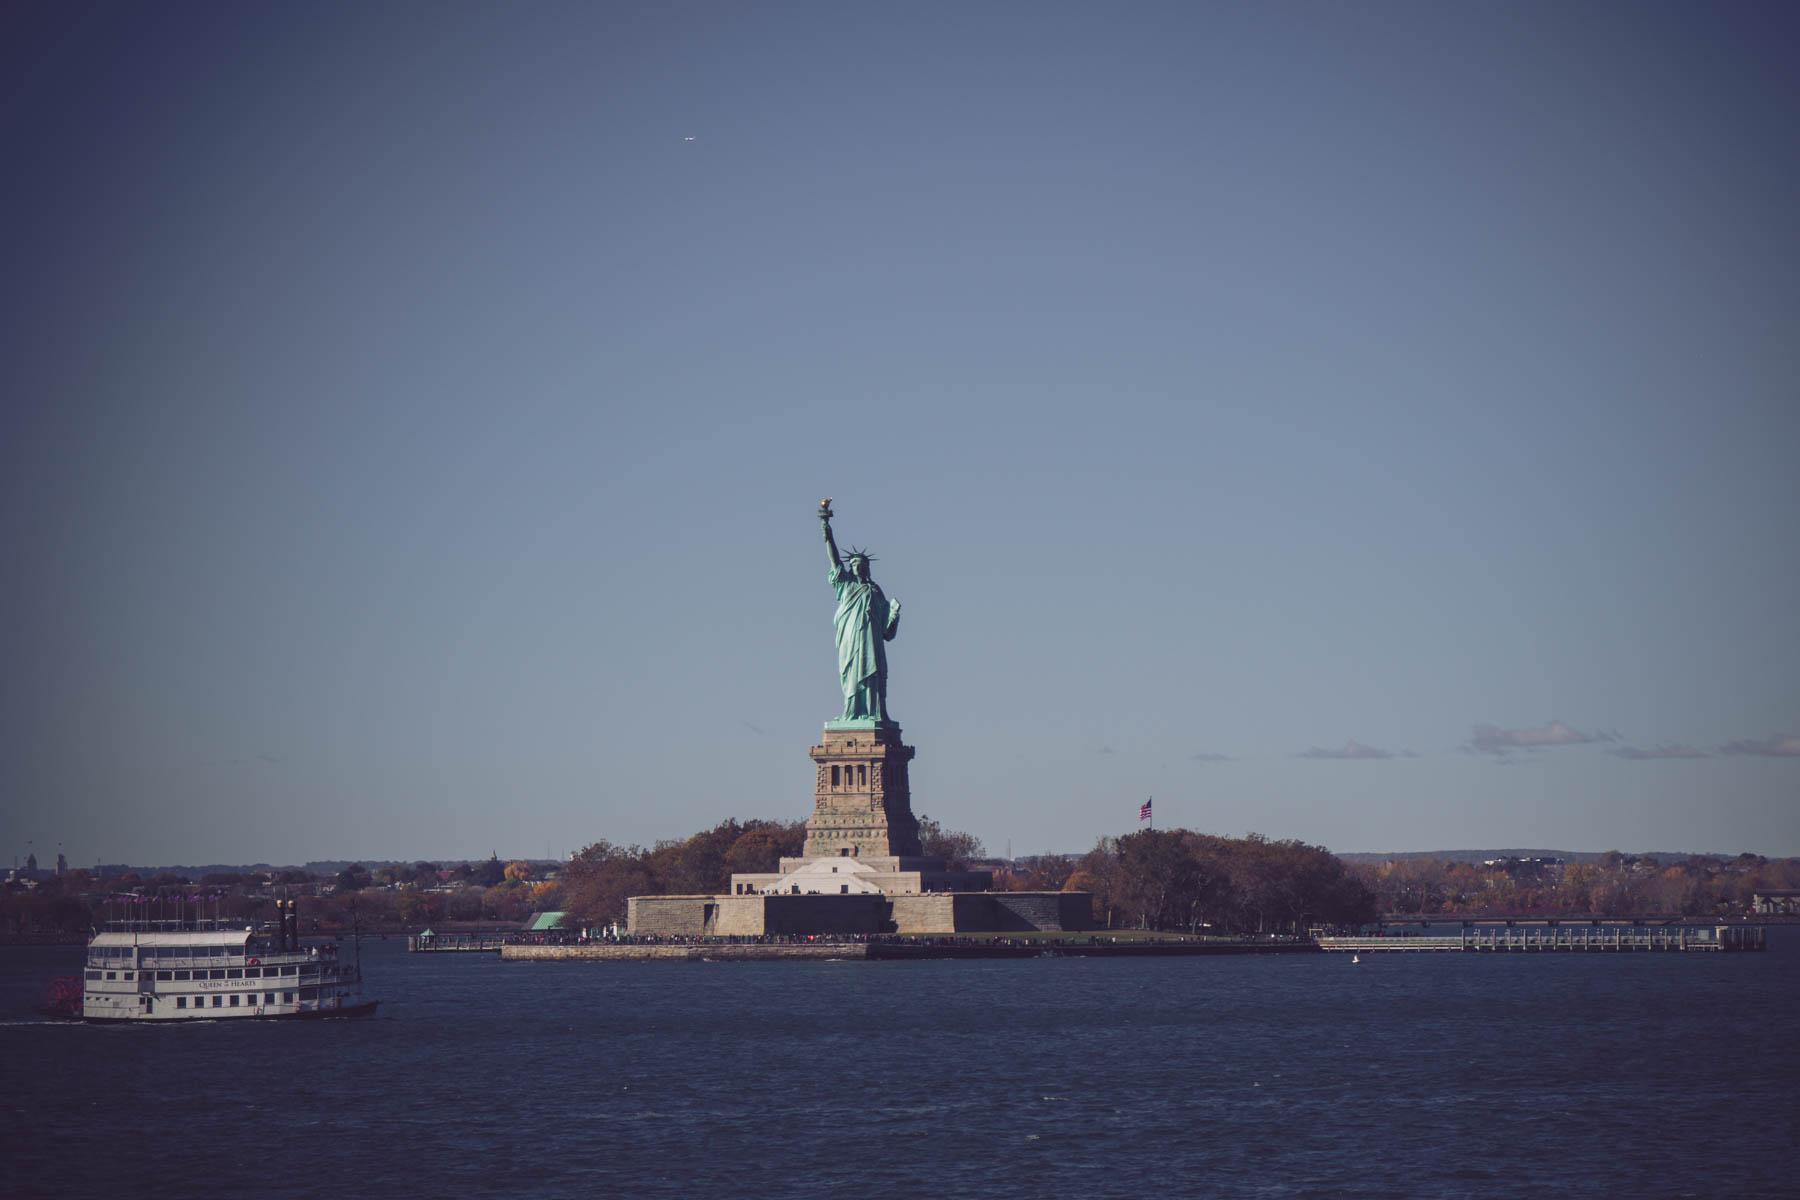 NEW YORK –eine der berühmtesten Städte der Welt. Ich war eine Woche eingeladen, eine meiner Arbeiten wurde am Times Square gezeigt. Eine Woche in Bildern. Alle Bilder & Cinemagraphs © Thomas Brand | brand4art | Ebersberg | München